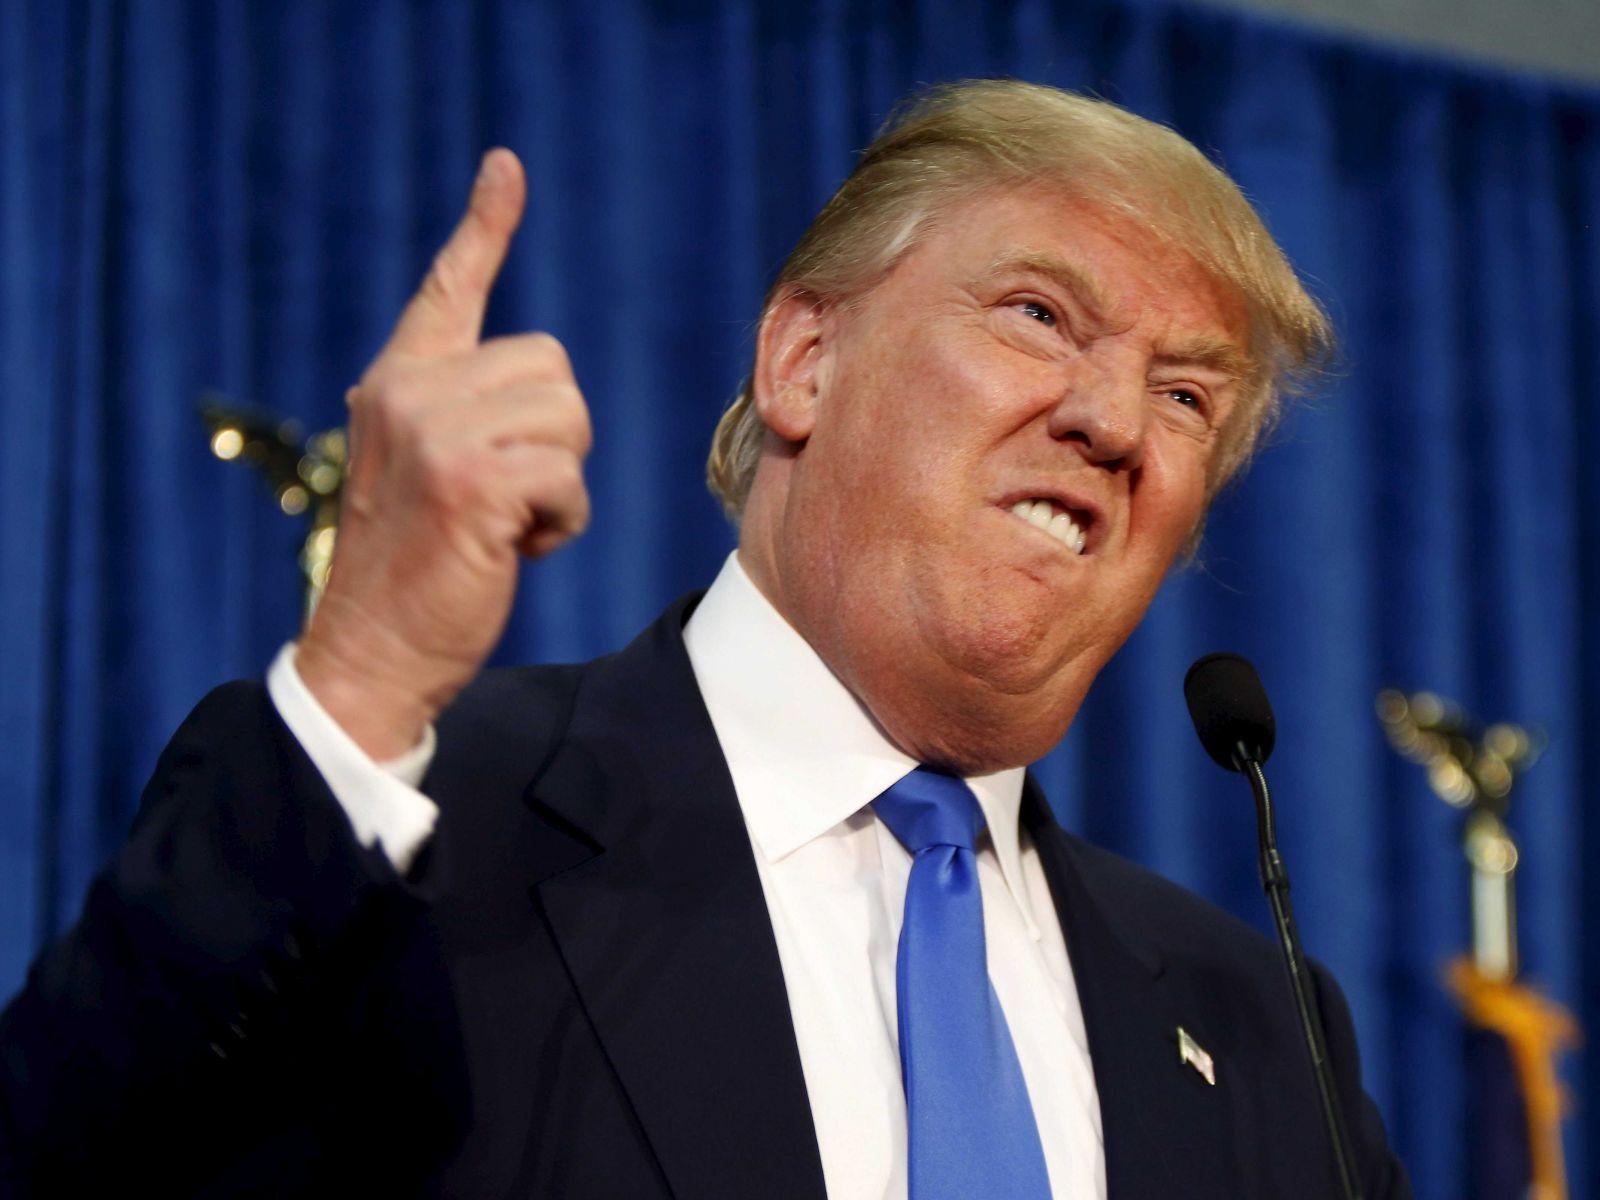 توئیت توهینآمیز ترامپ درباره چهره مجری زن تلویزیون، جنجال آفرید!